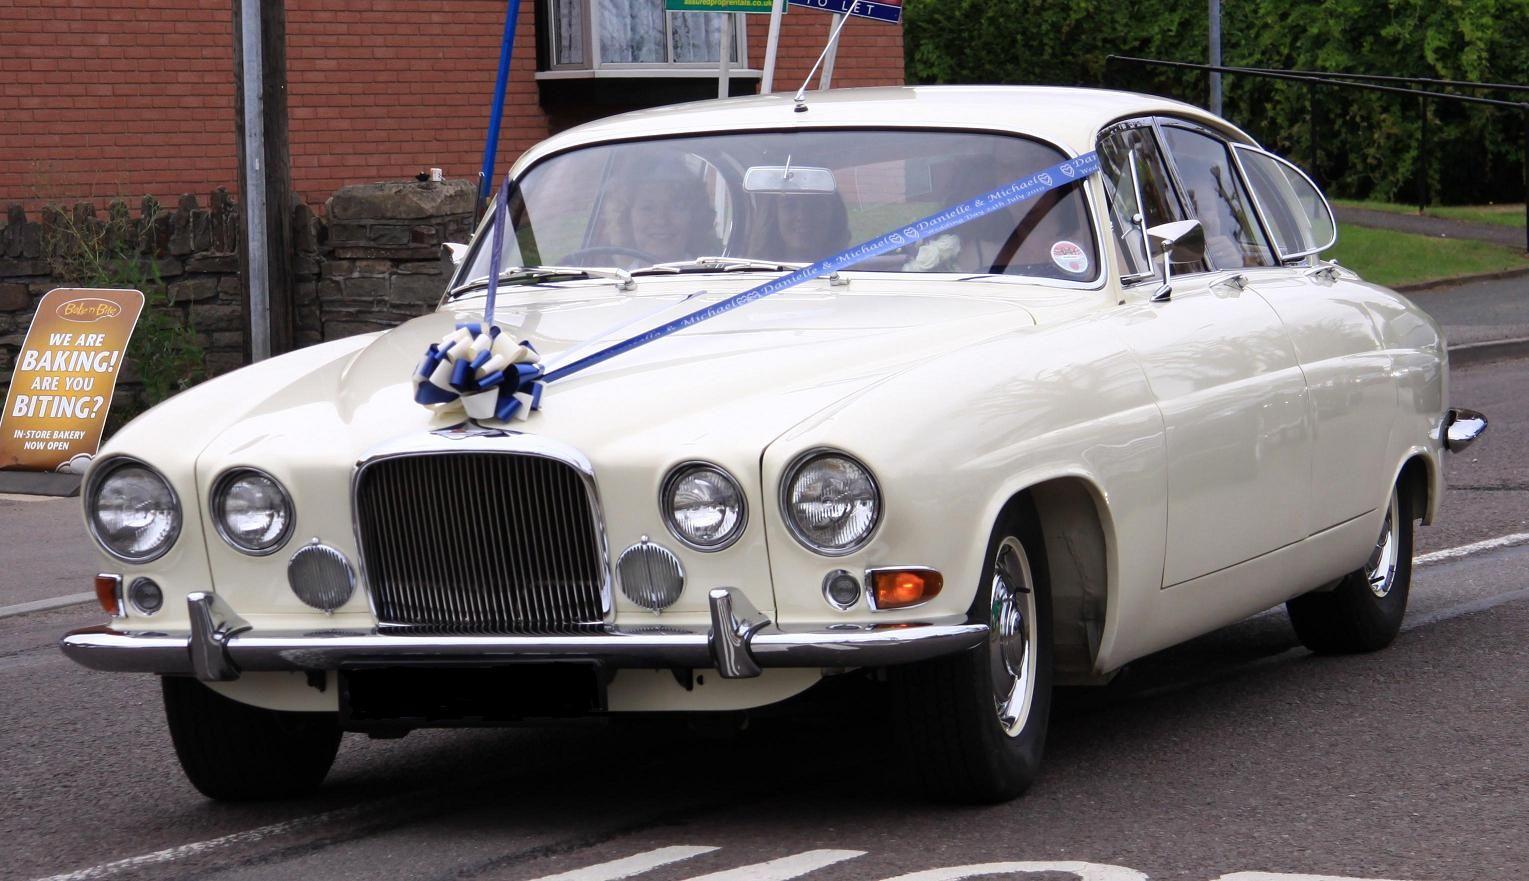 Enchanted Wedding Car Decoration Google Search Wedding